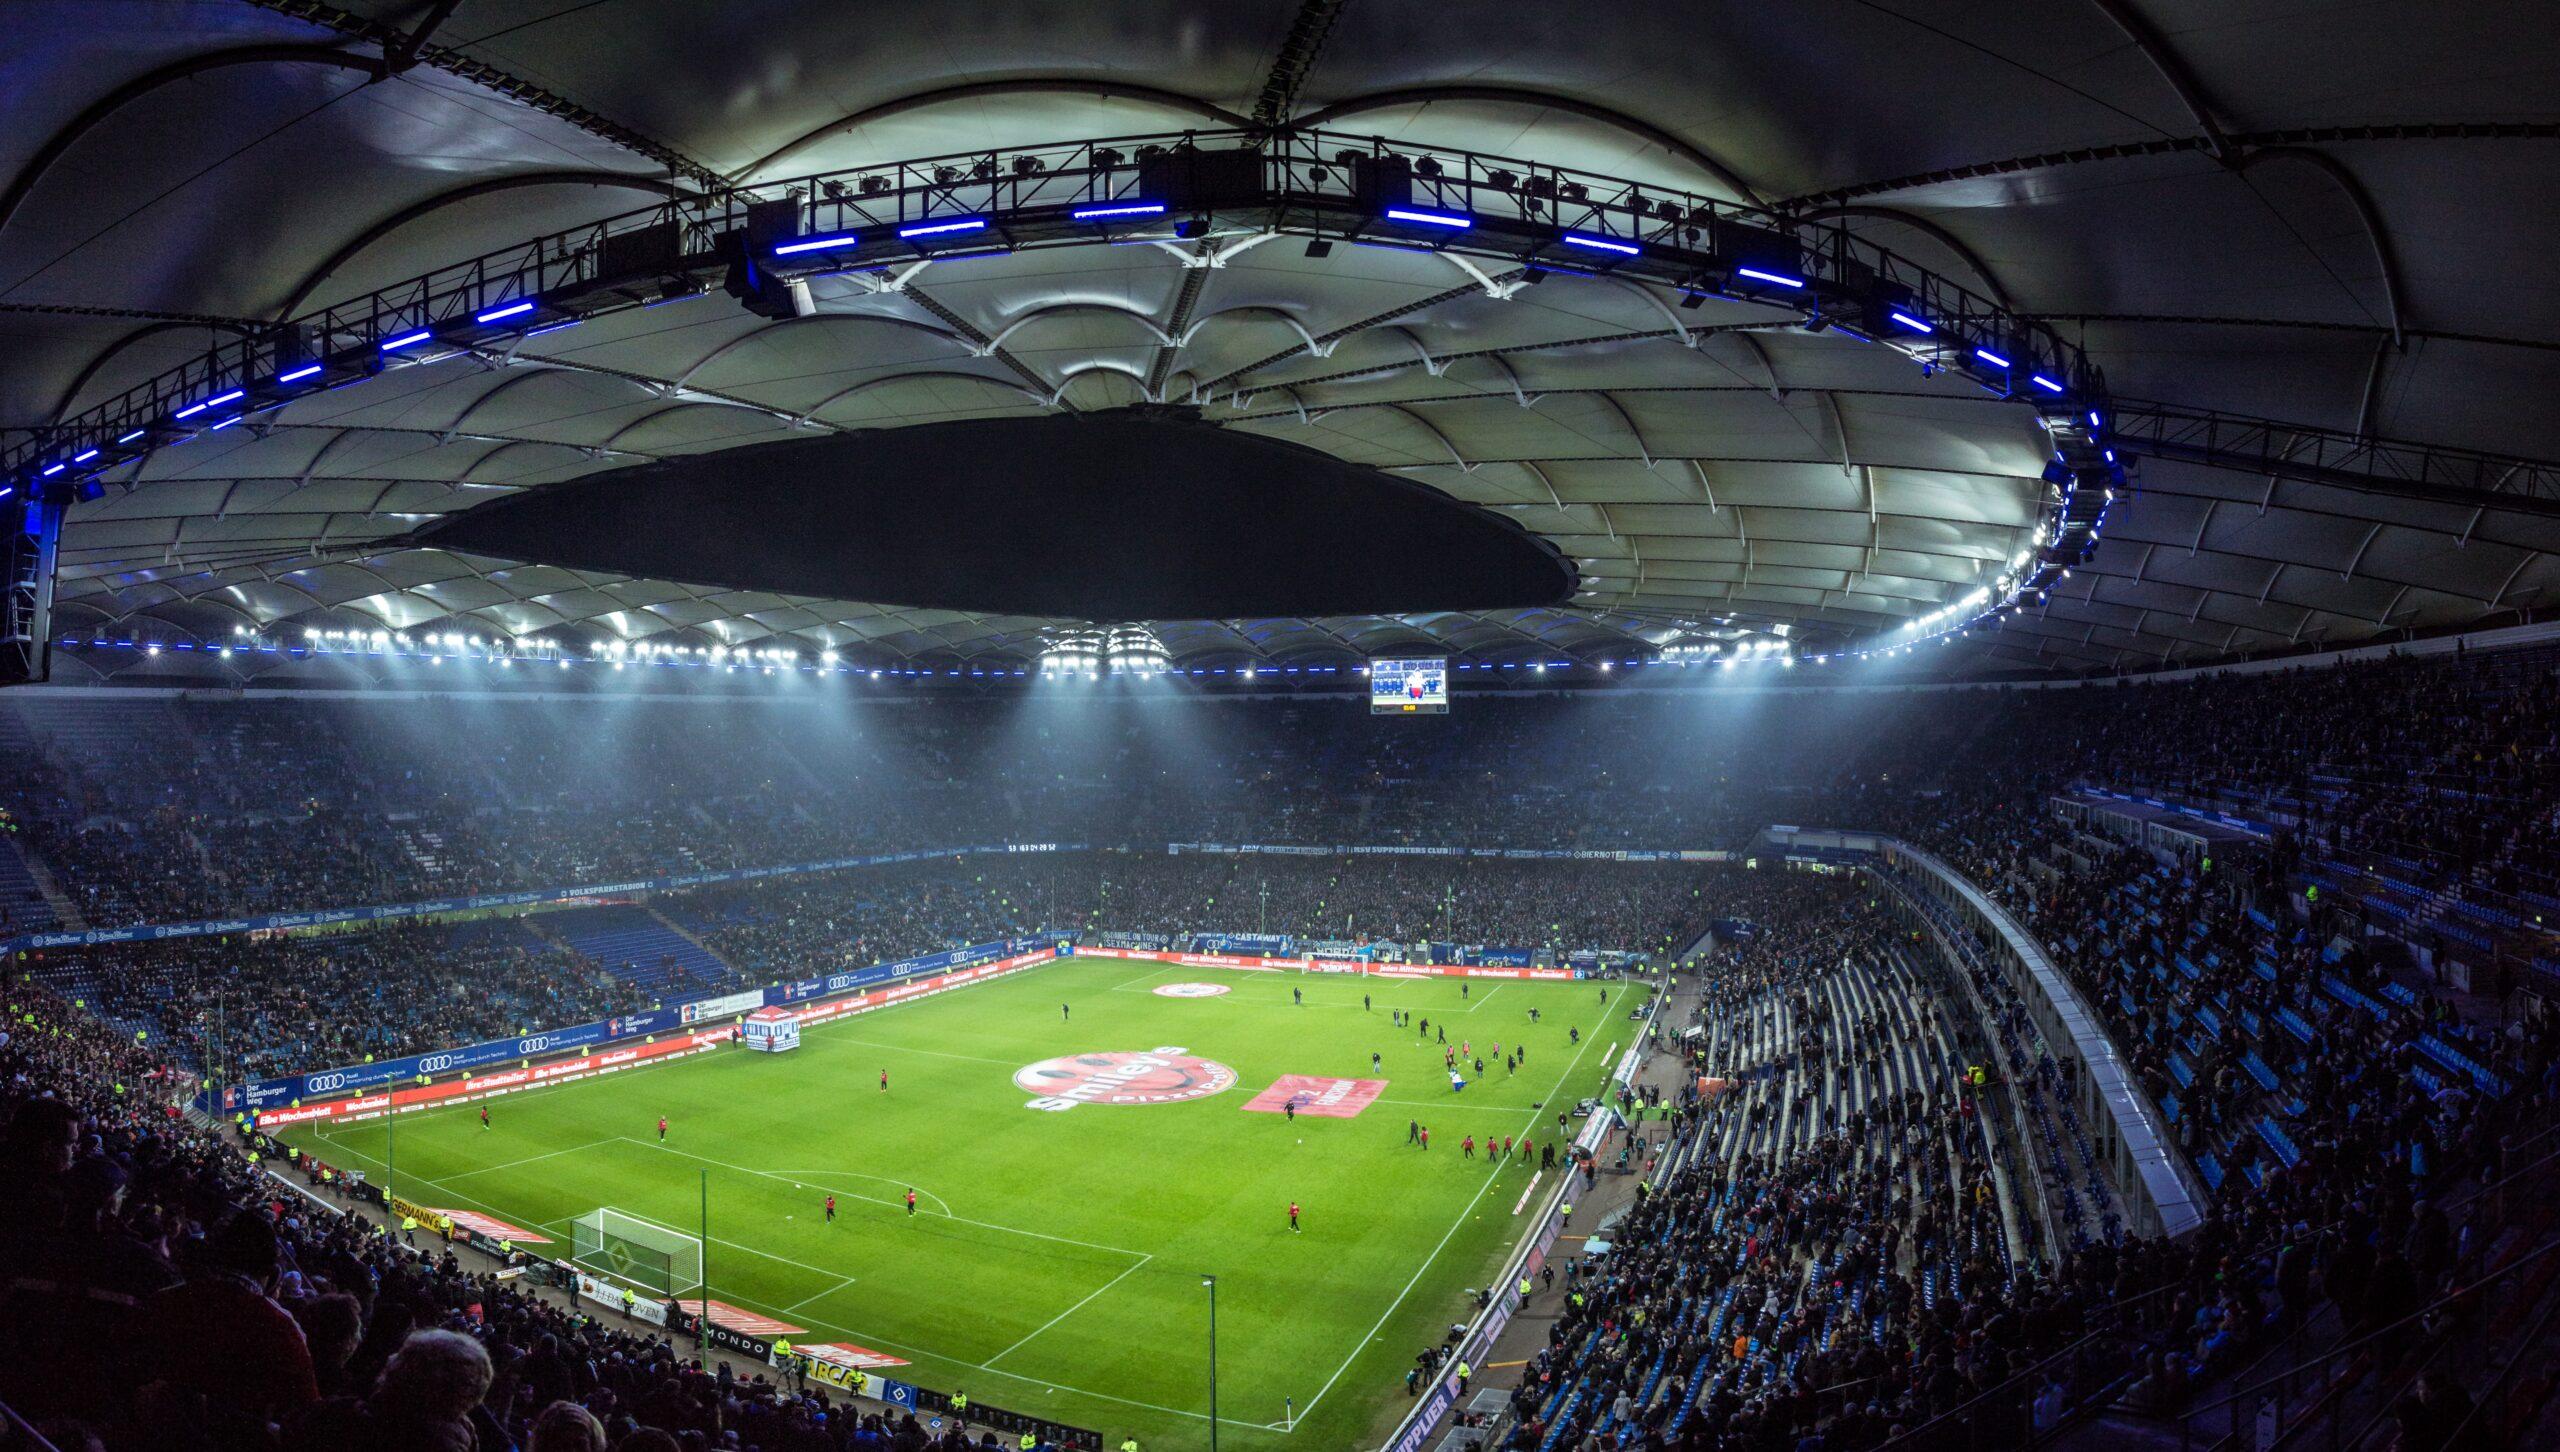 FIFA e PES, le rivali del calcio virtuale